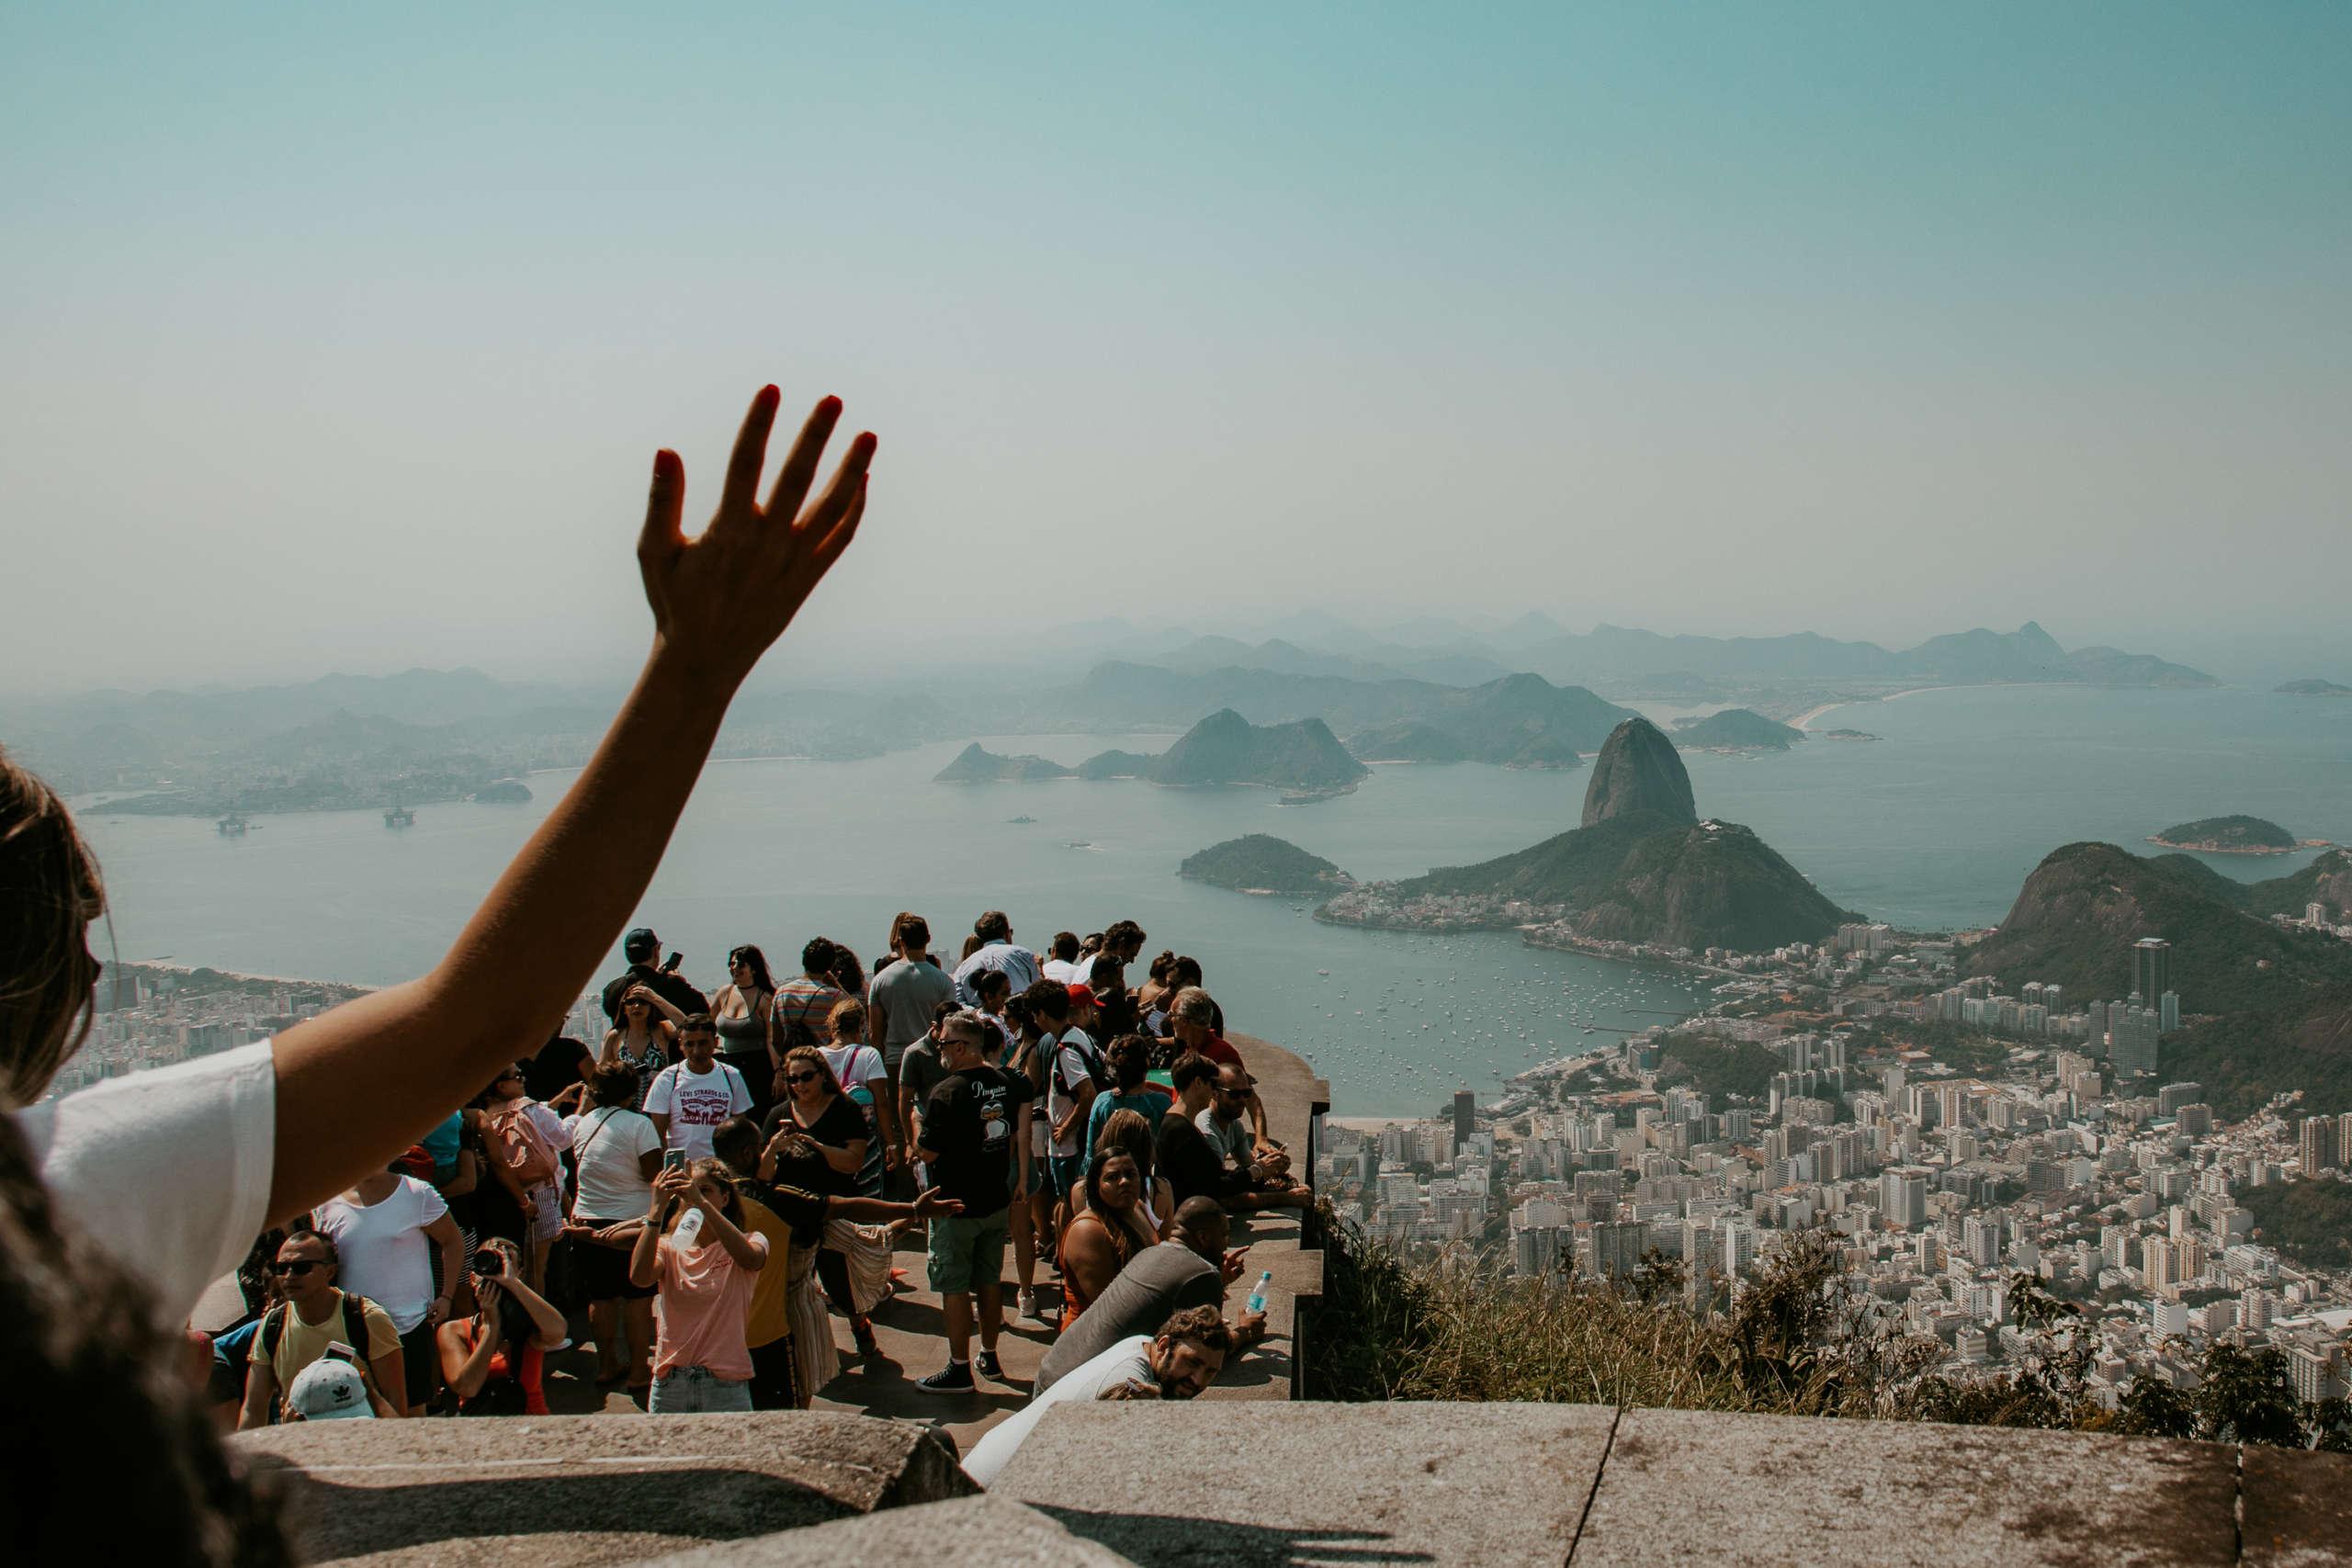 Von der Aussichtsplattform, sieht man direkt auf den Pao de Açucar, den Zuckerhut.